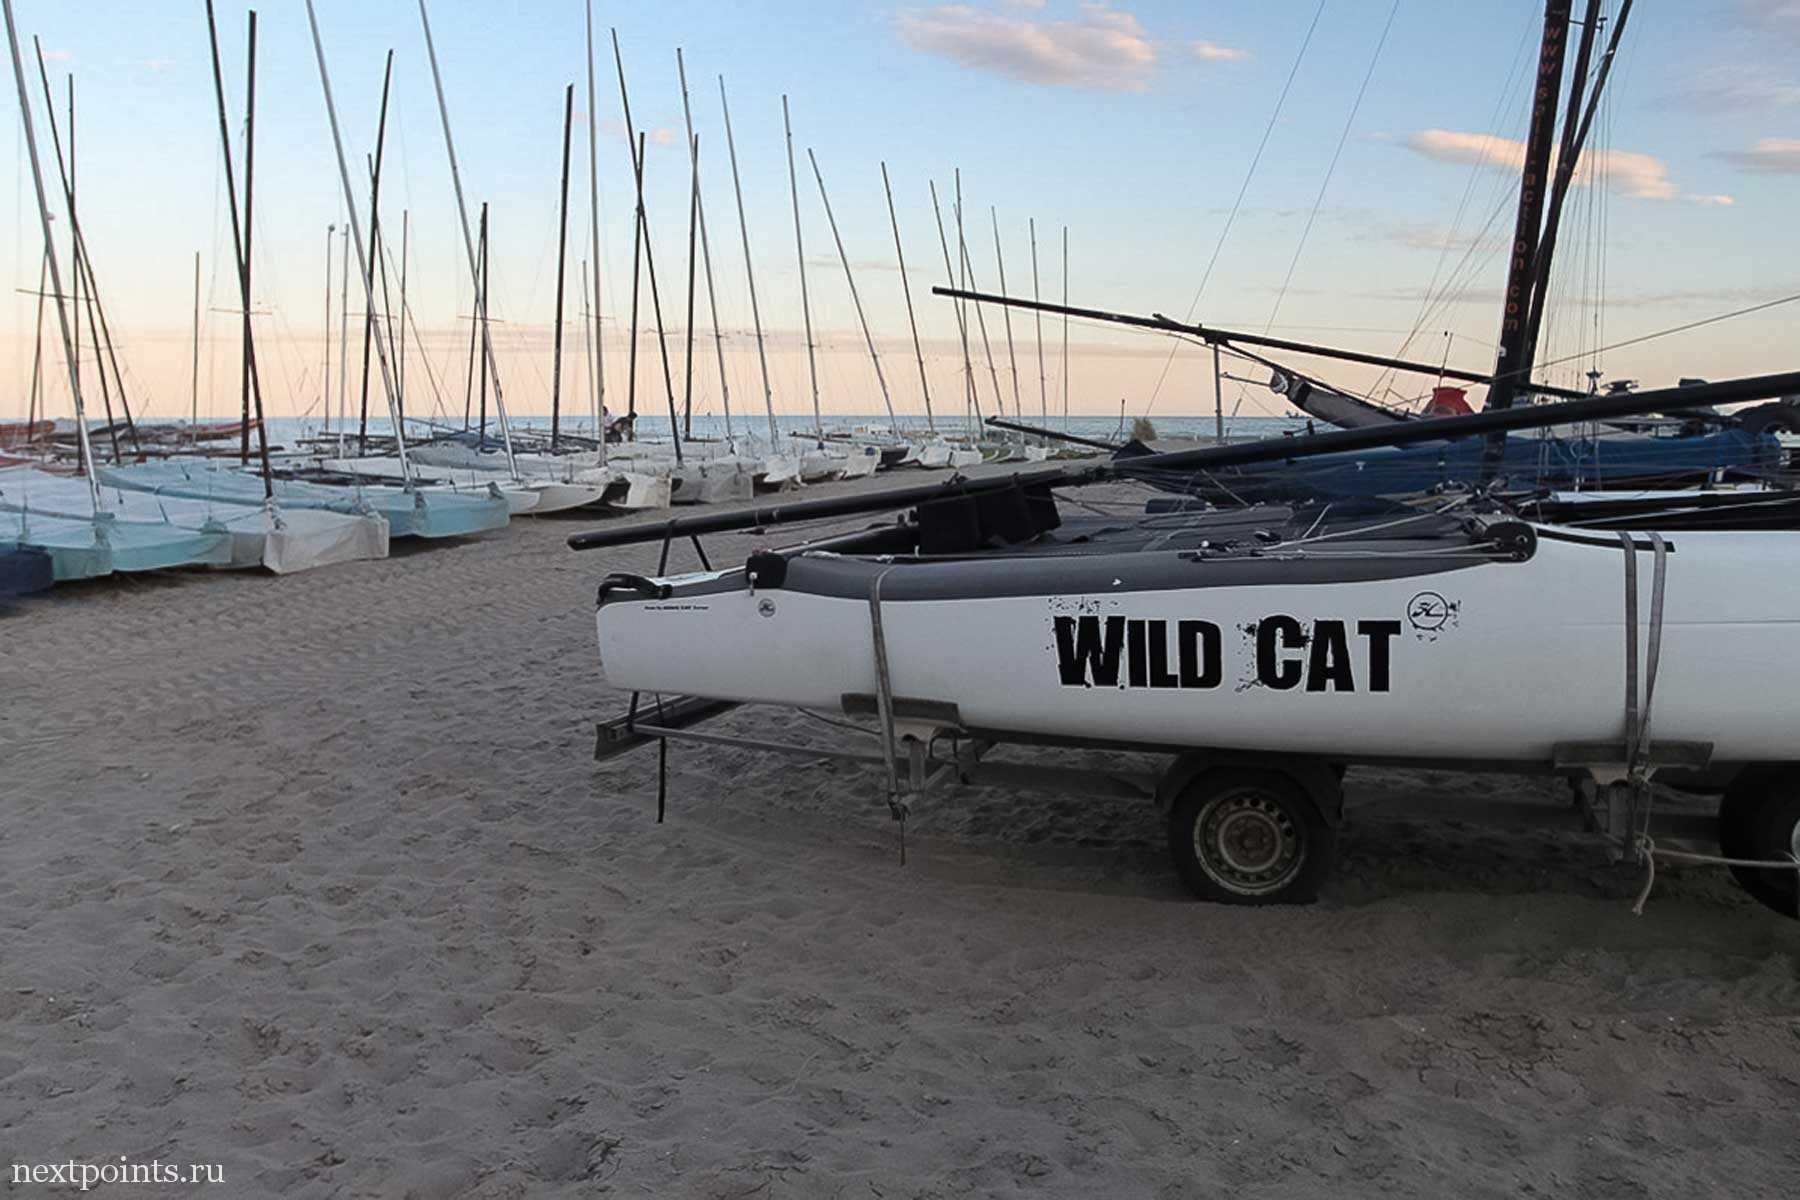 Стройный ряд лодок, заботливо укрытых от непогоды, ждет следующего свободного плавания.